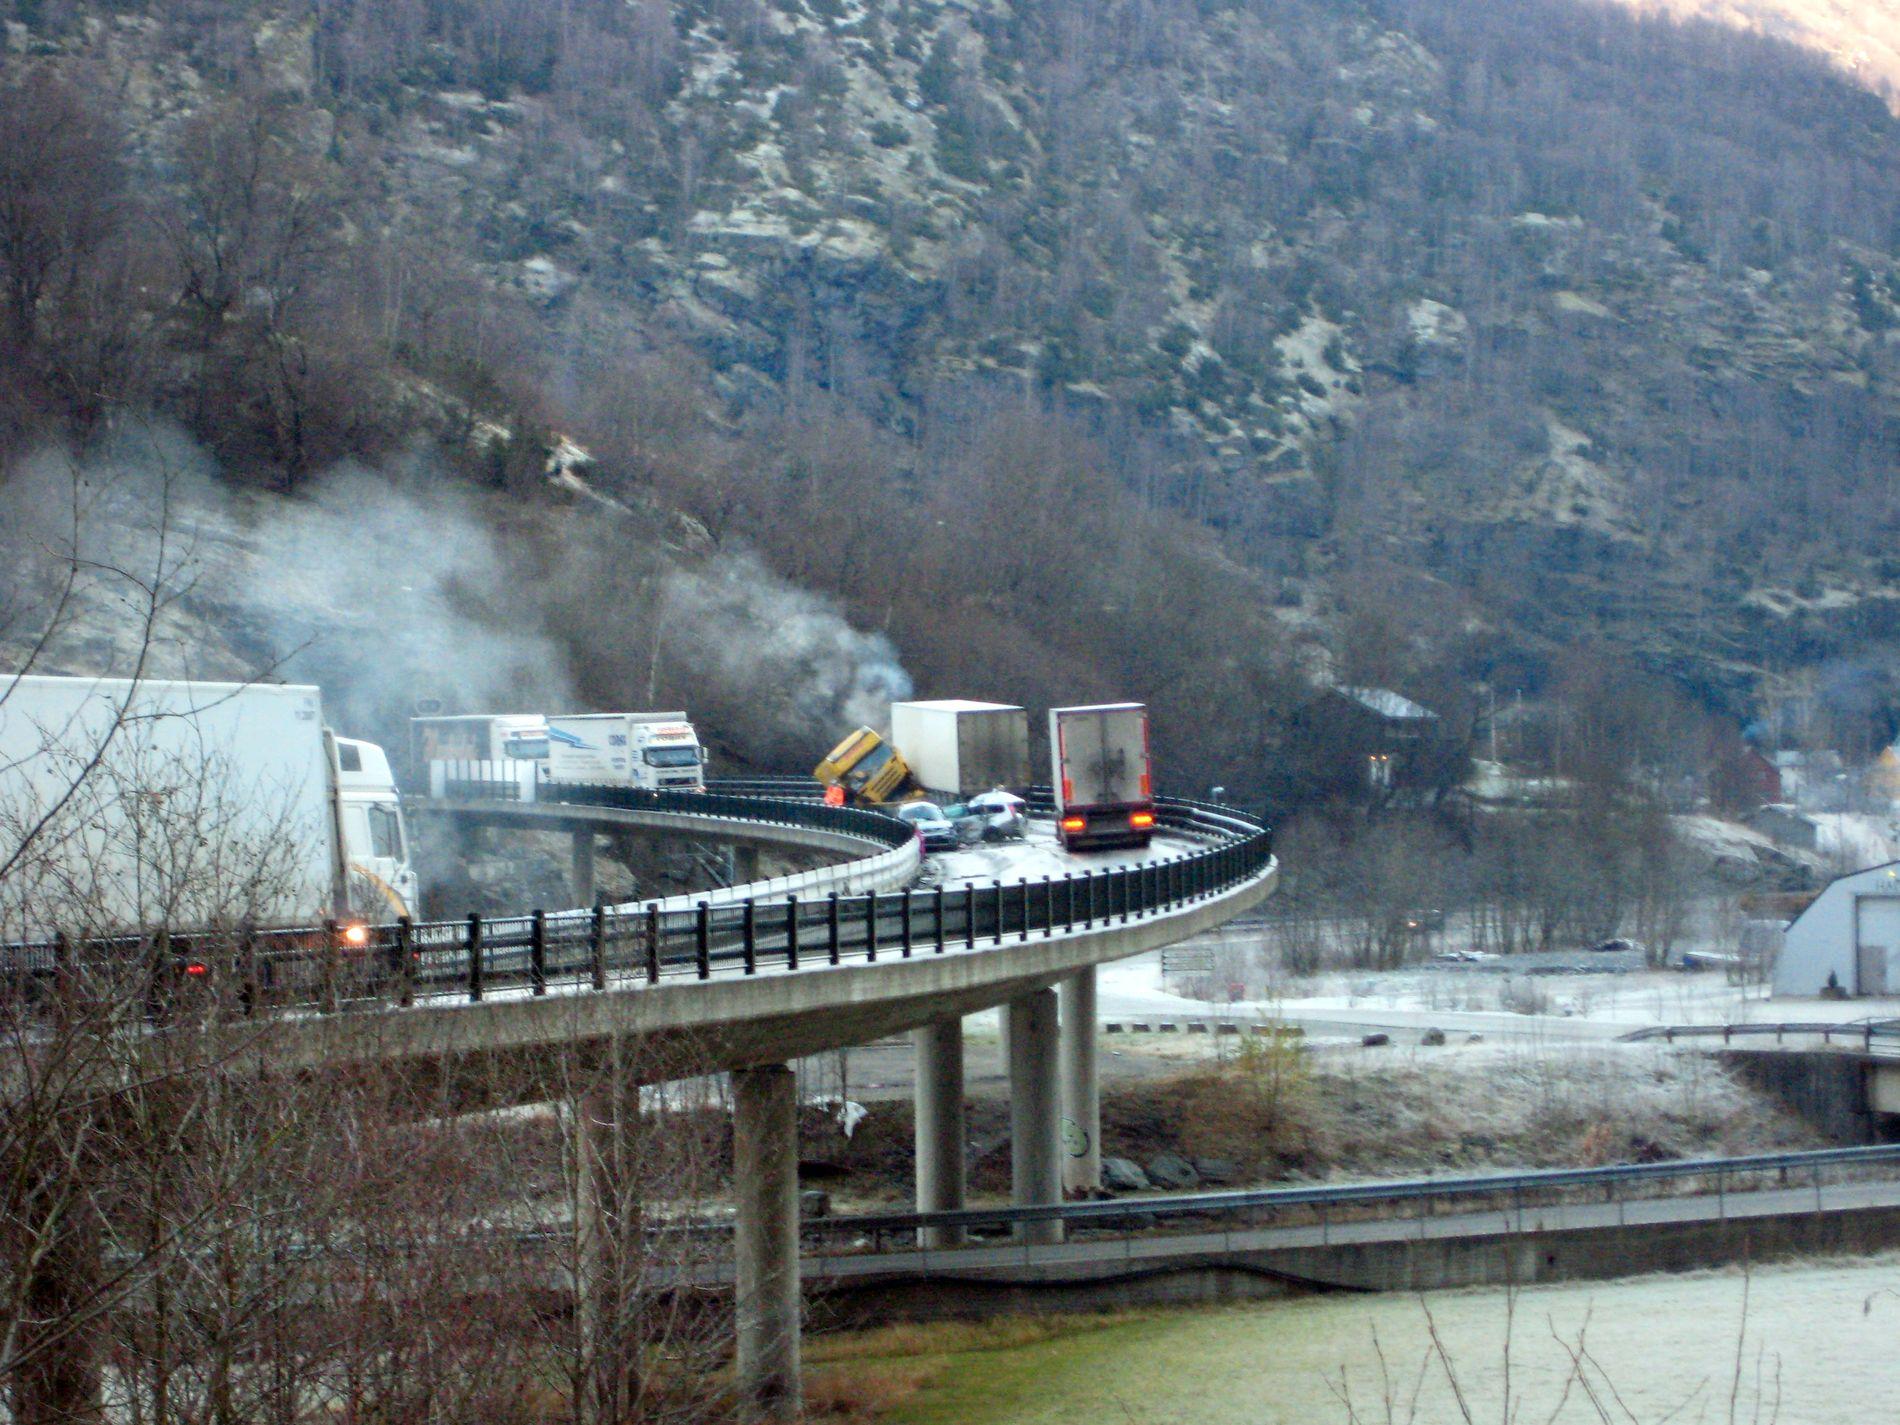 KNUST: Bildet viser en personbil som ble fullstendig knust i et sammenstøt med et vogntog. Helse Vest ønsker å holde konsekvensen av slike hendelser hemmelig.